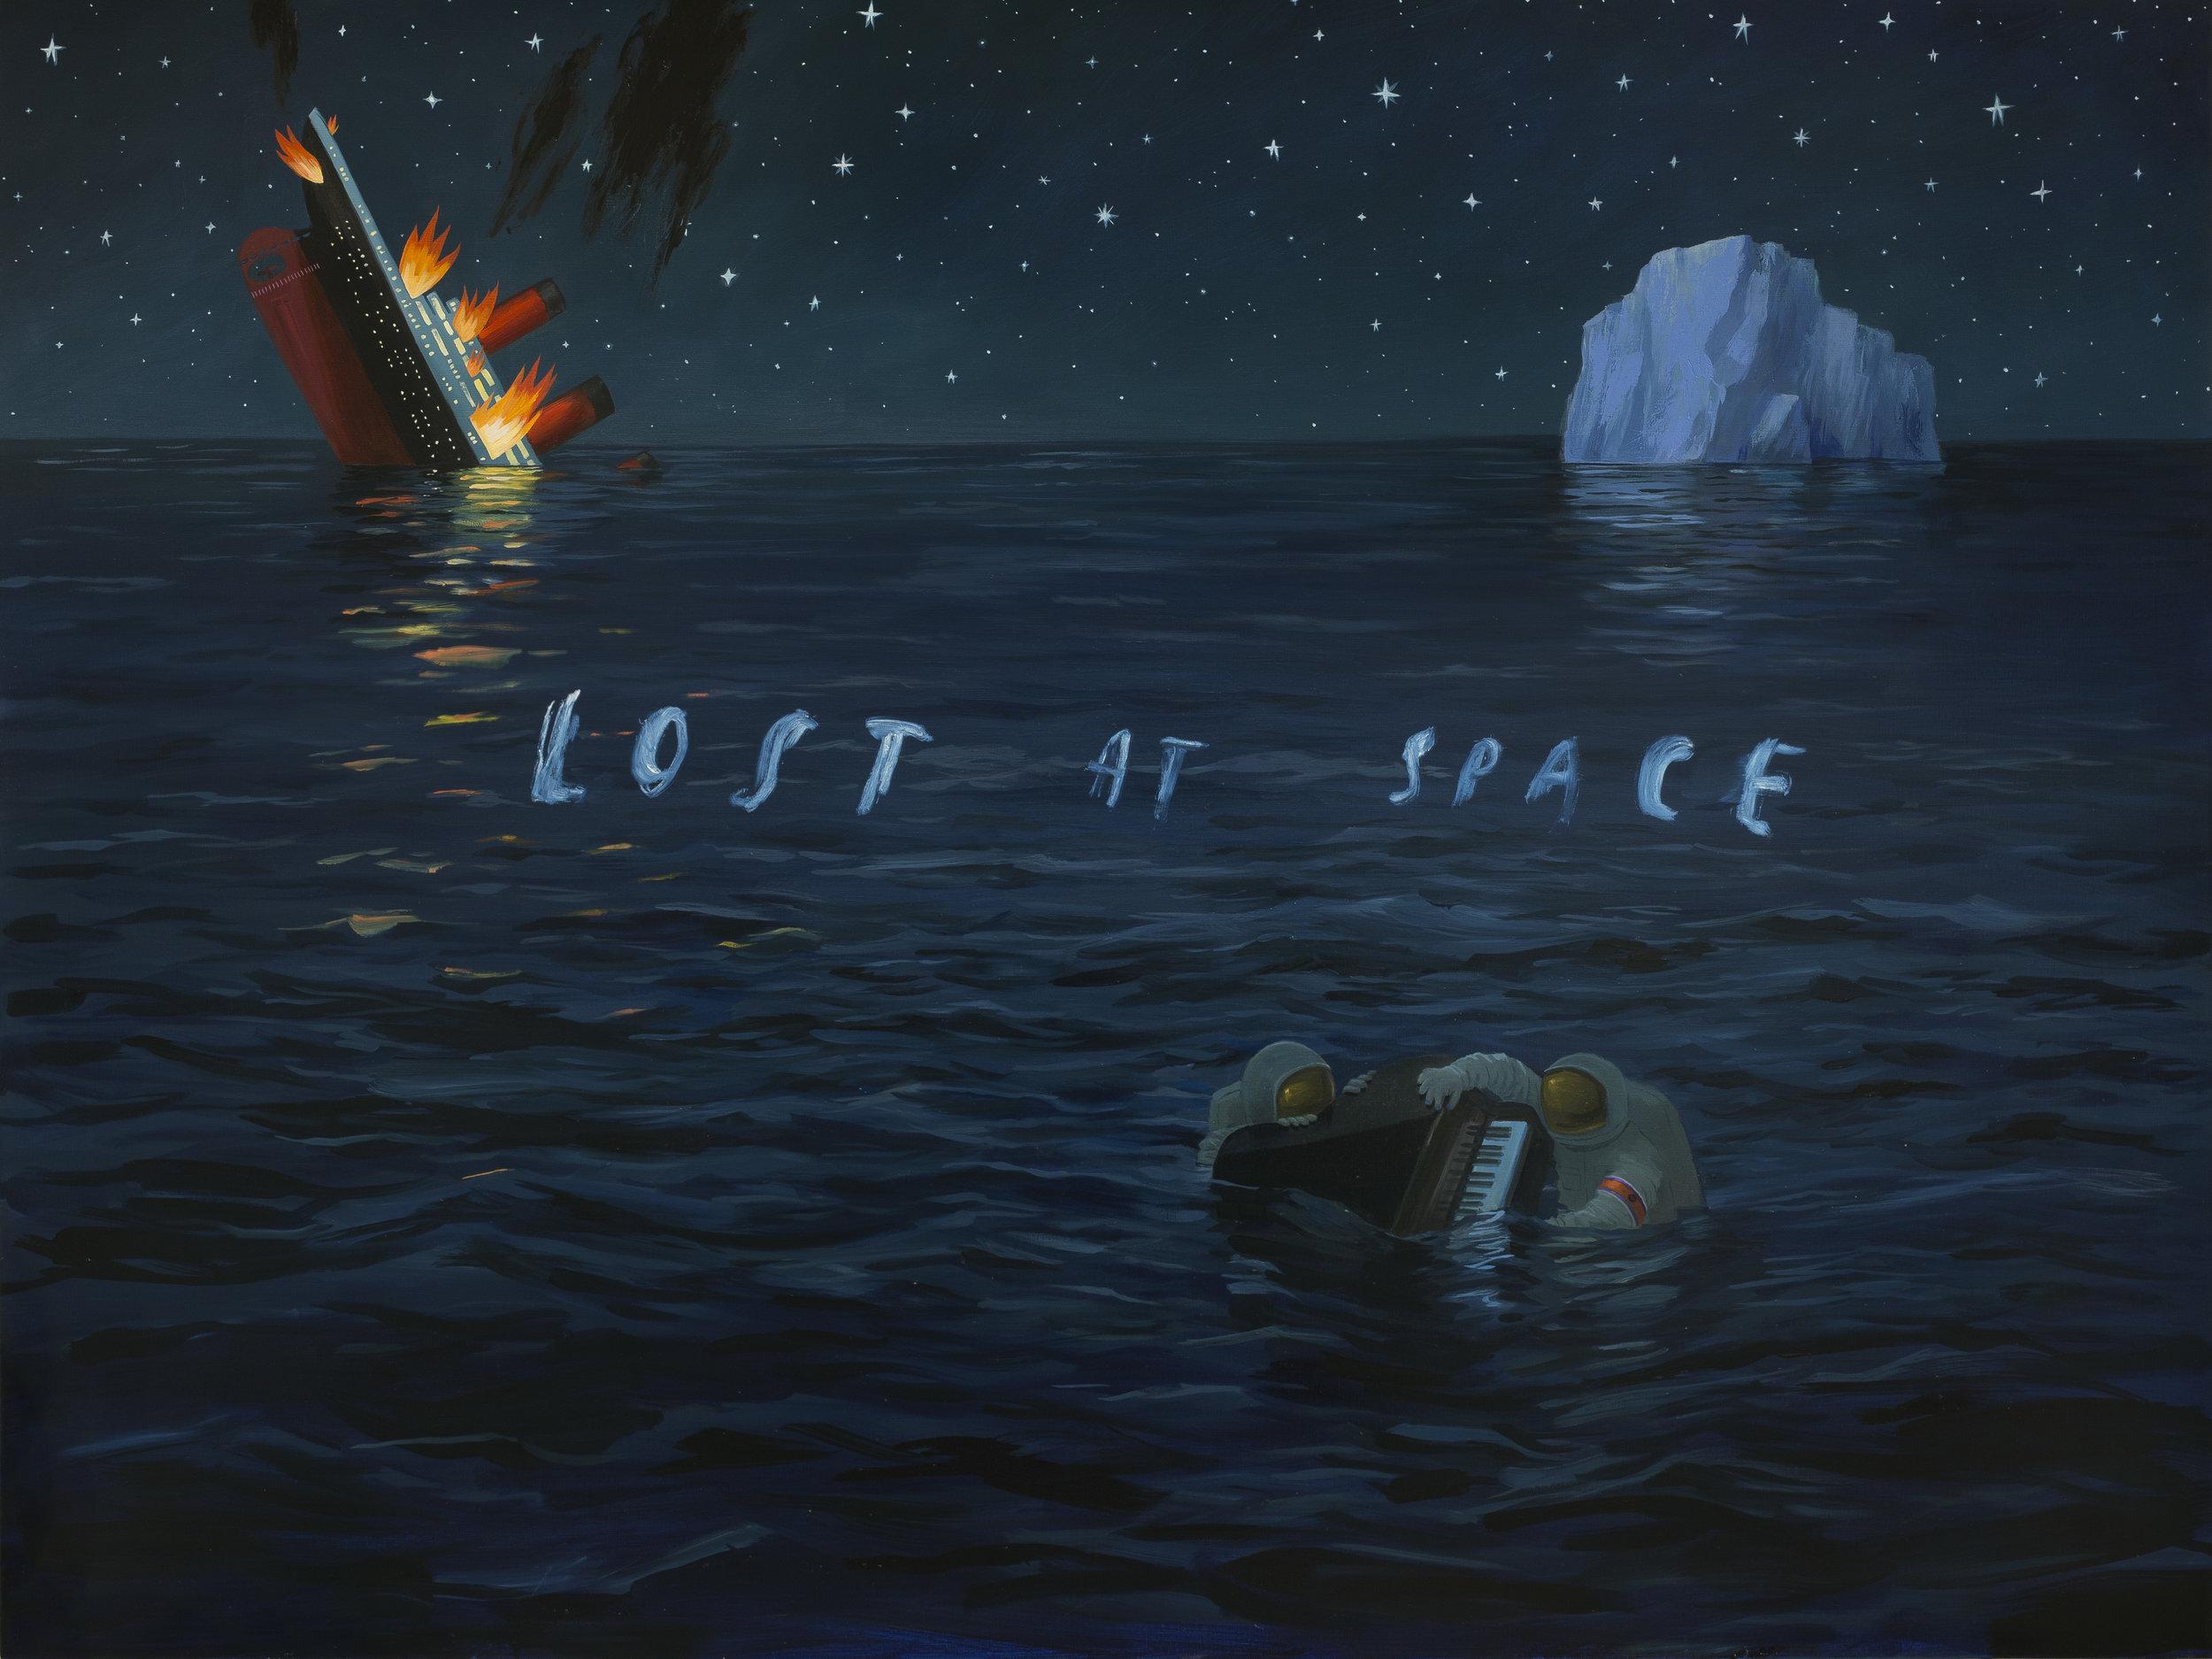 OJ378_lost at space.jpg